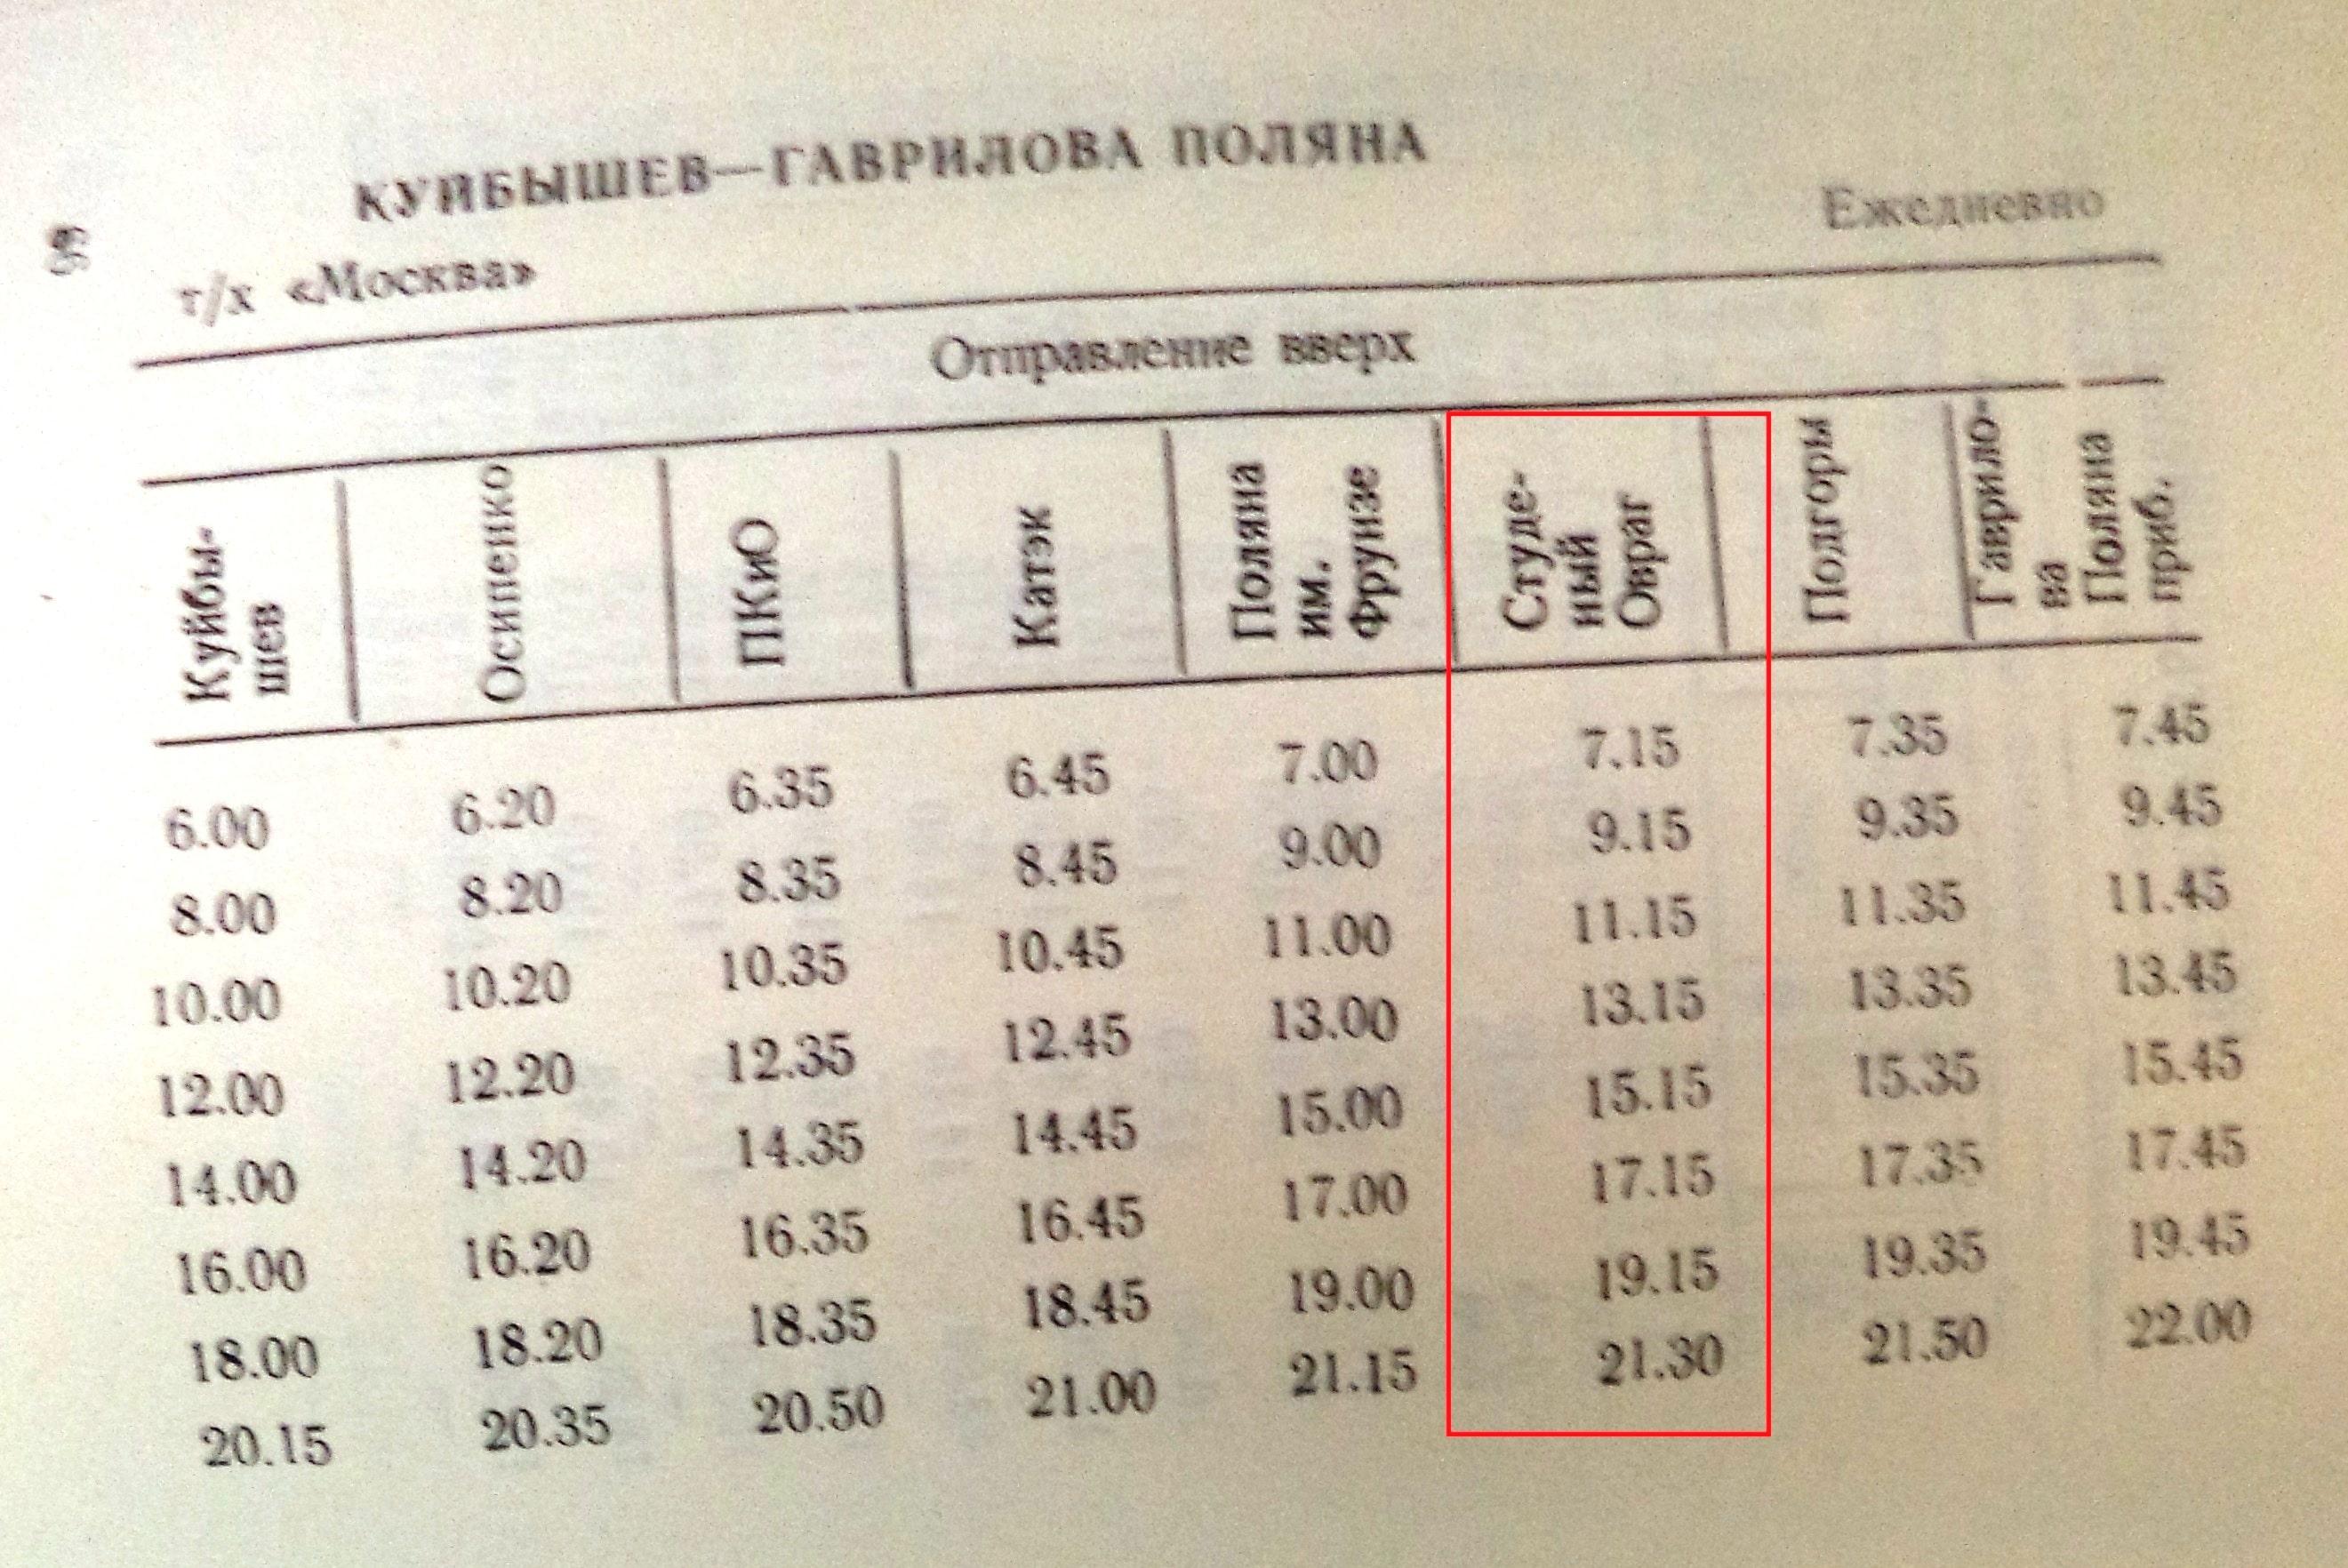 Студёный овраг-ФОТО-09-расписание 1979 года-min